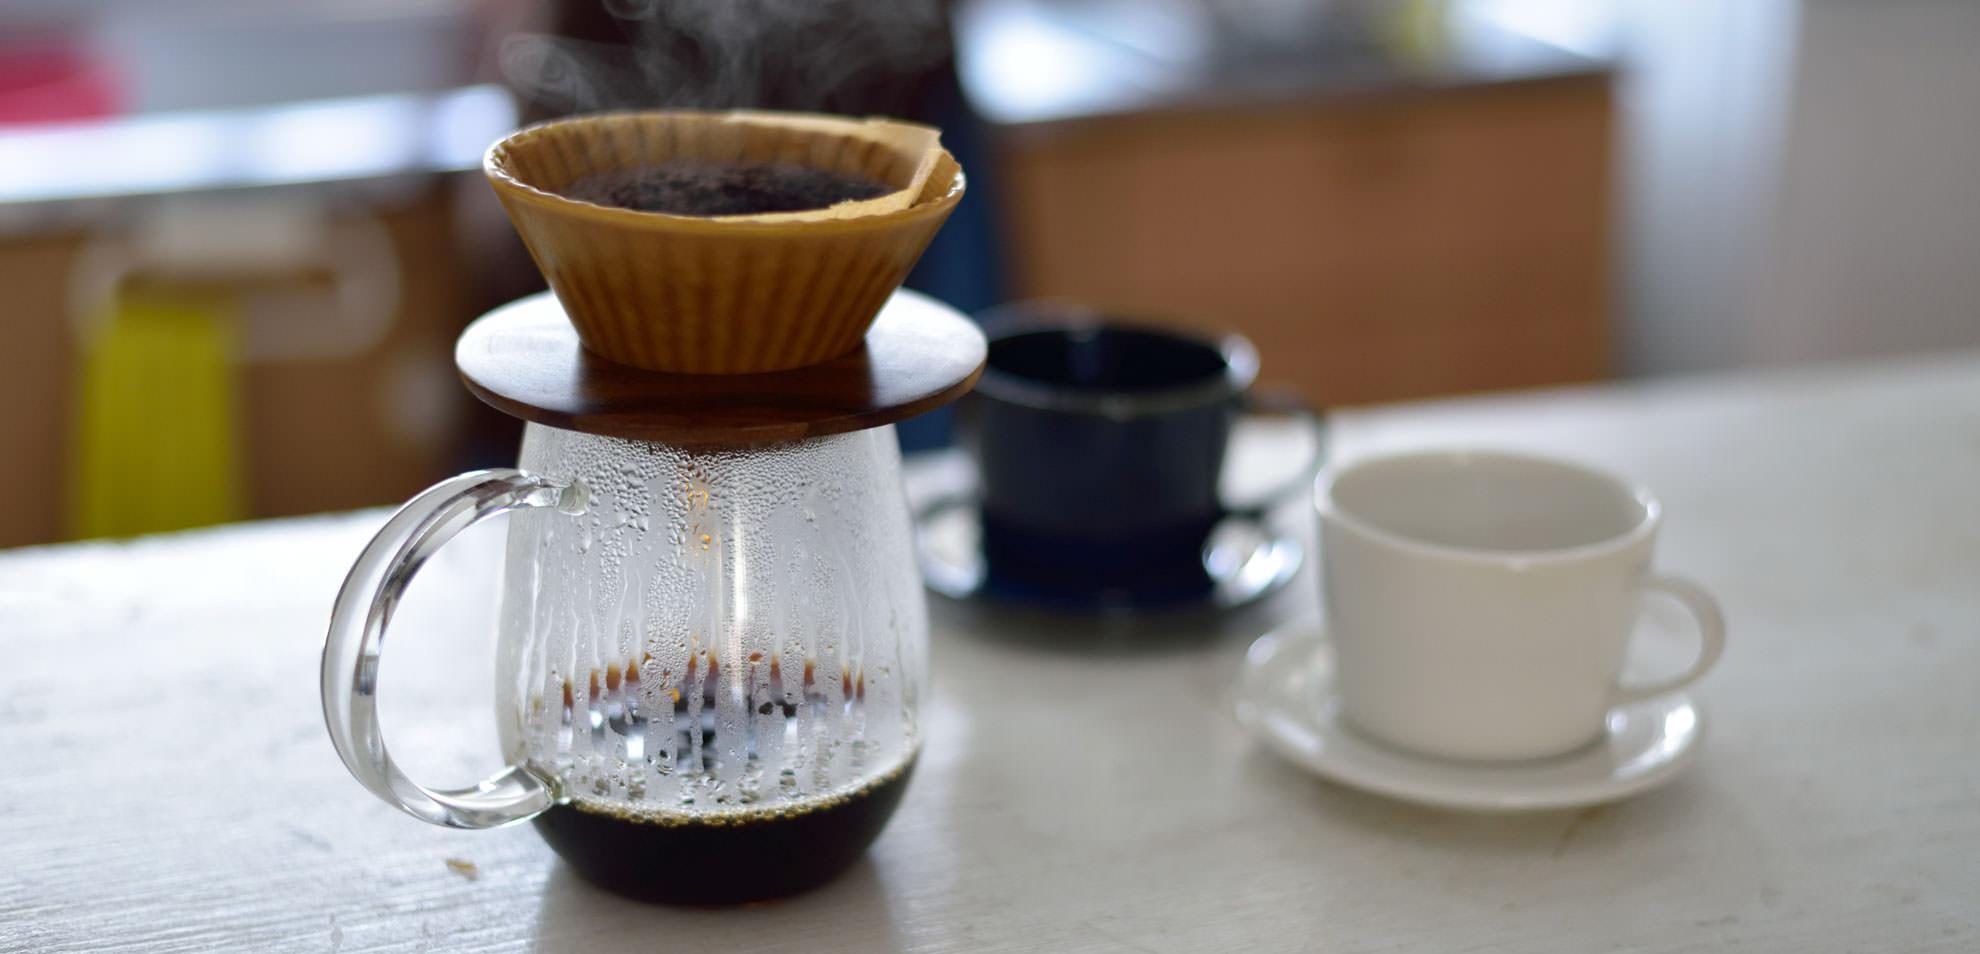 ベローズ コーヒーアイテムシリーズ